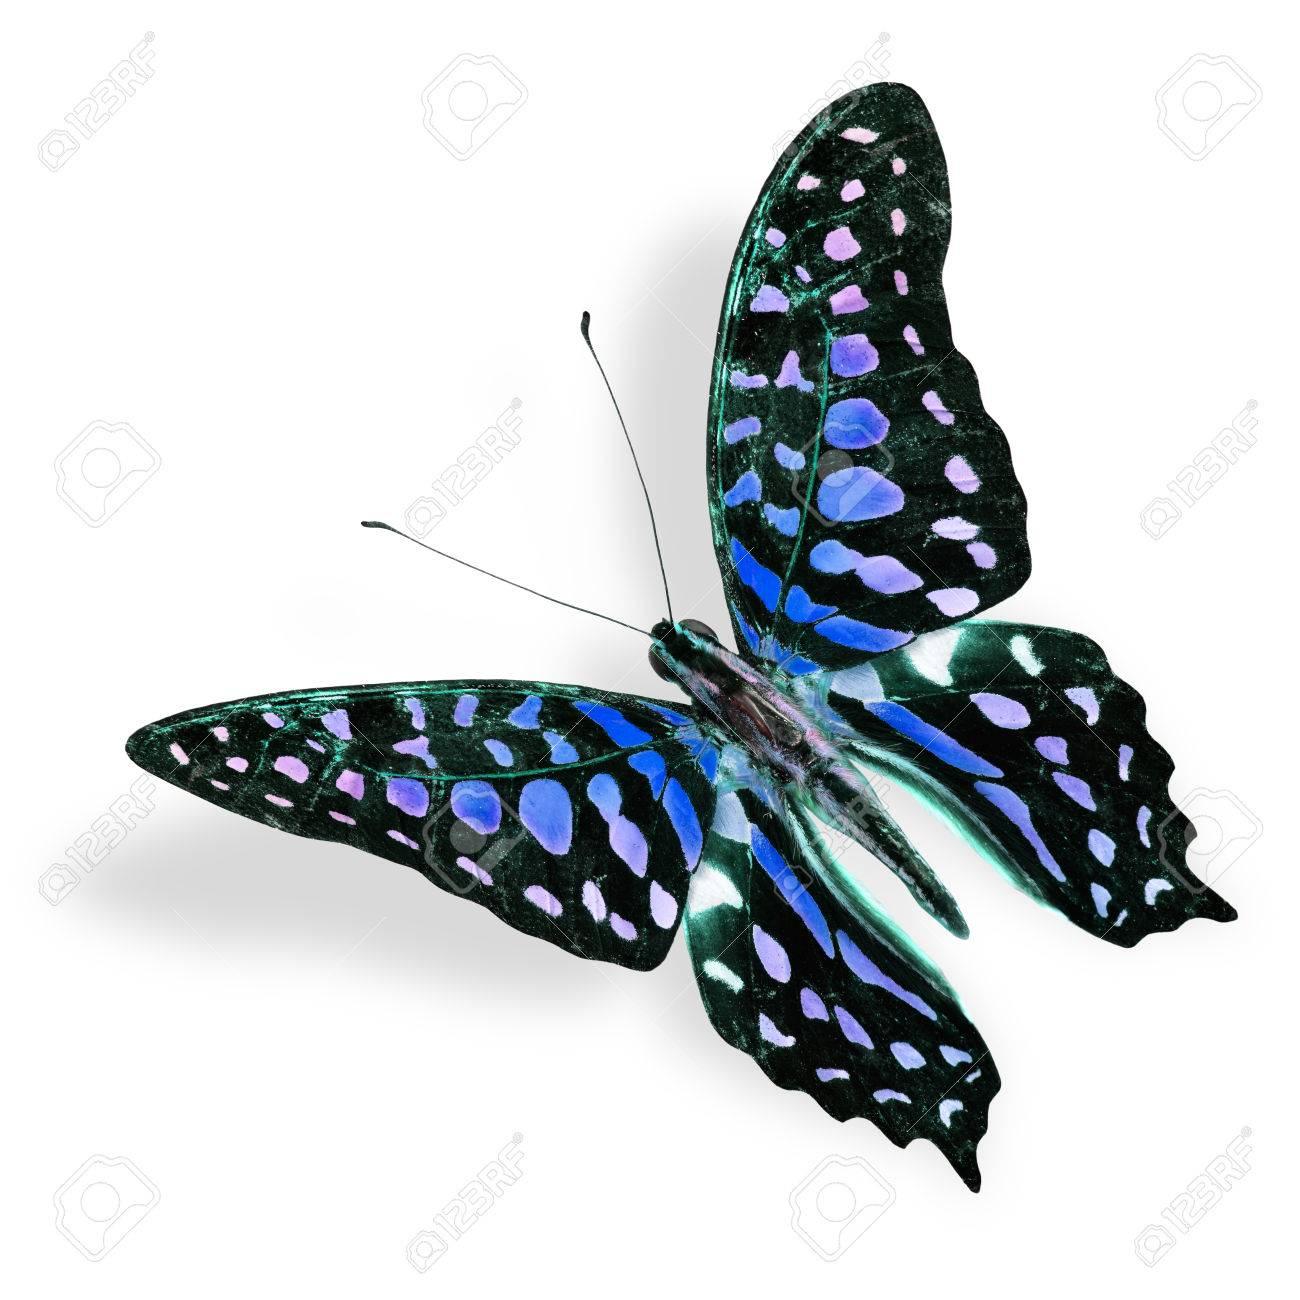 Atemberaubend Schmetterling Lebenszyklus Färbung Seite ...